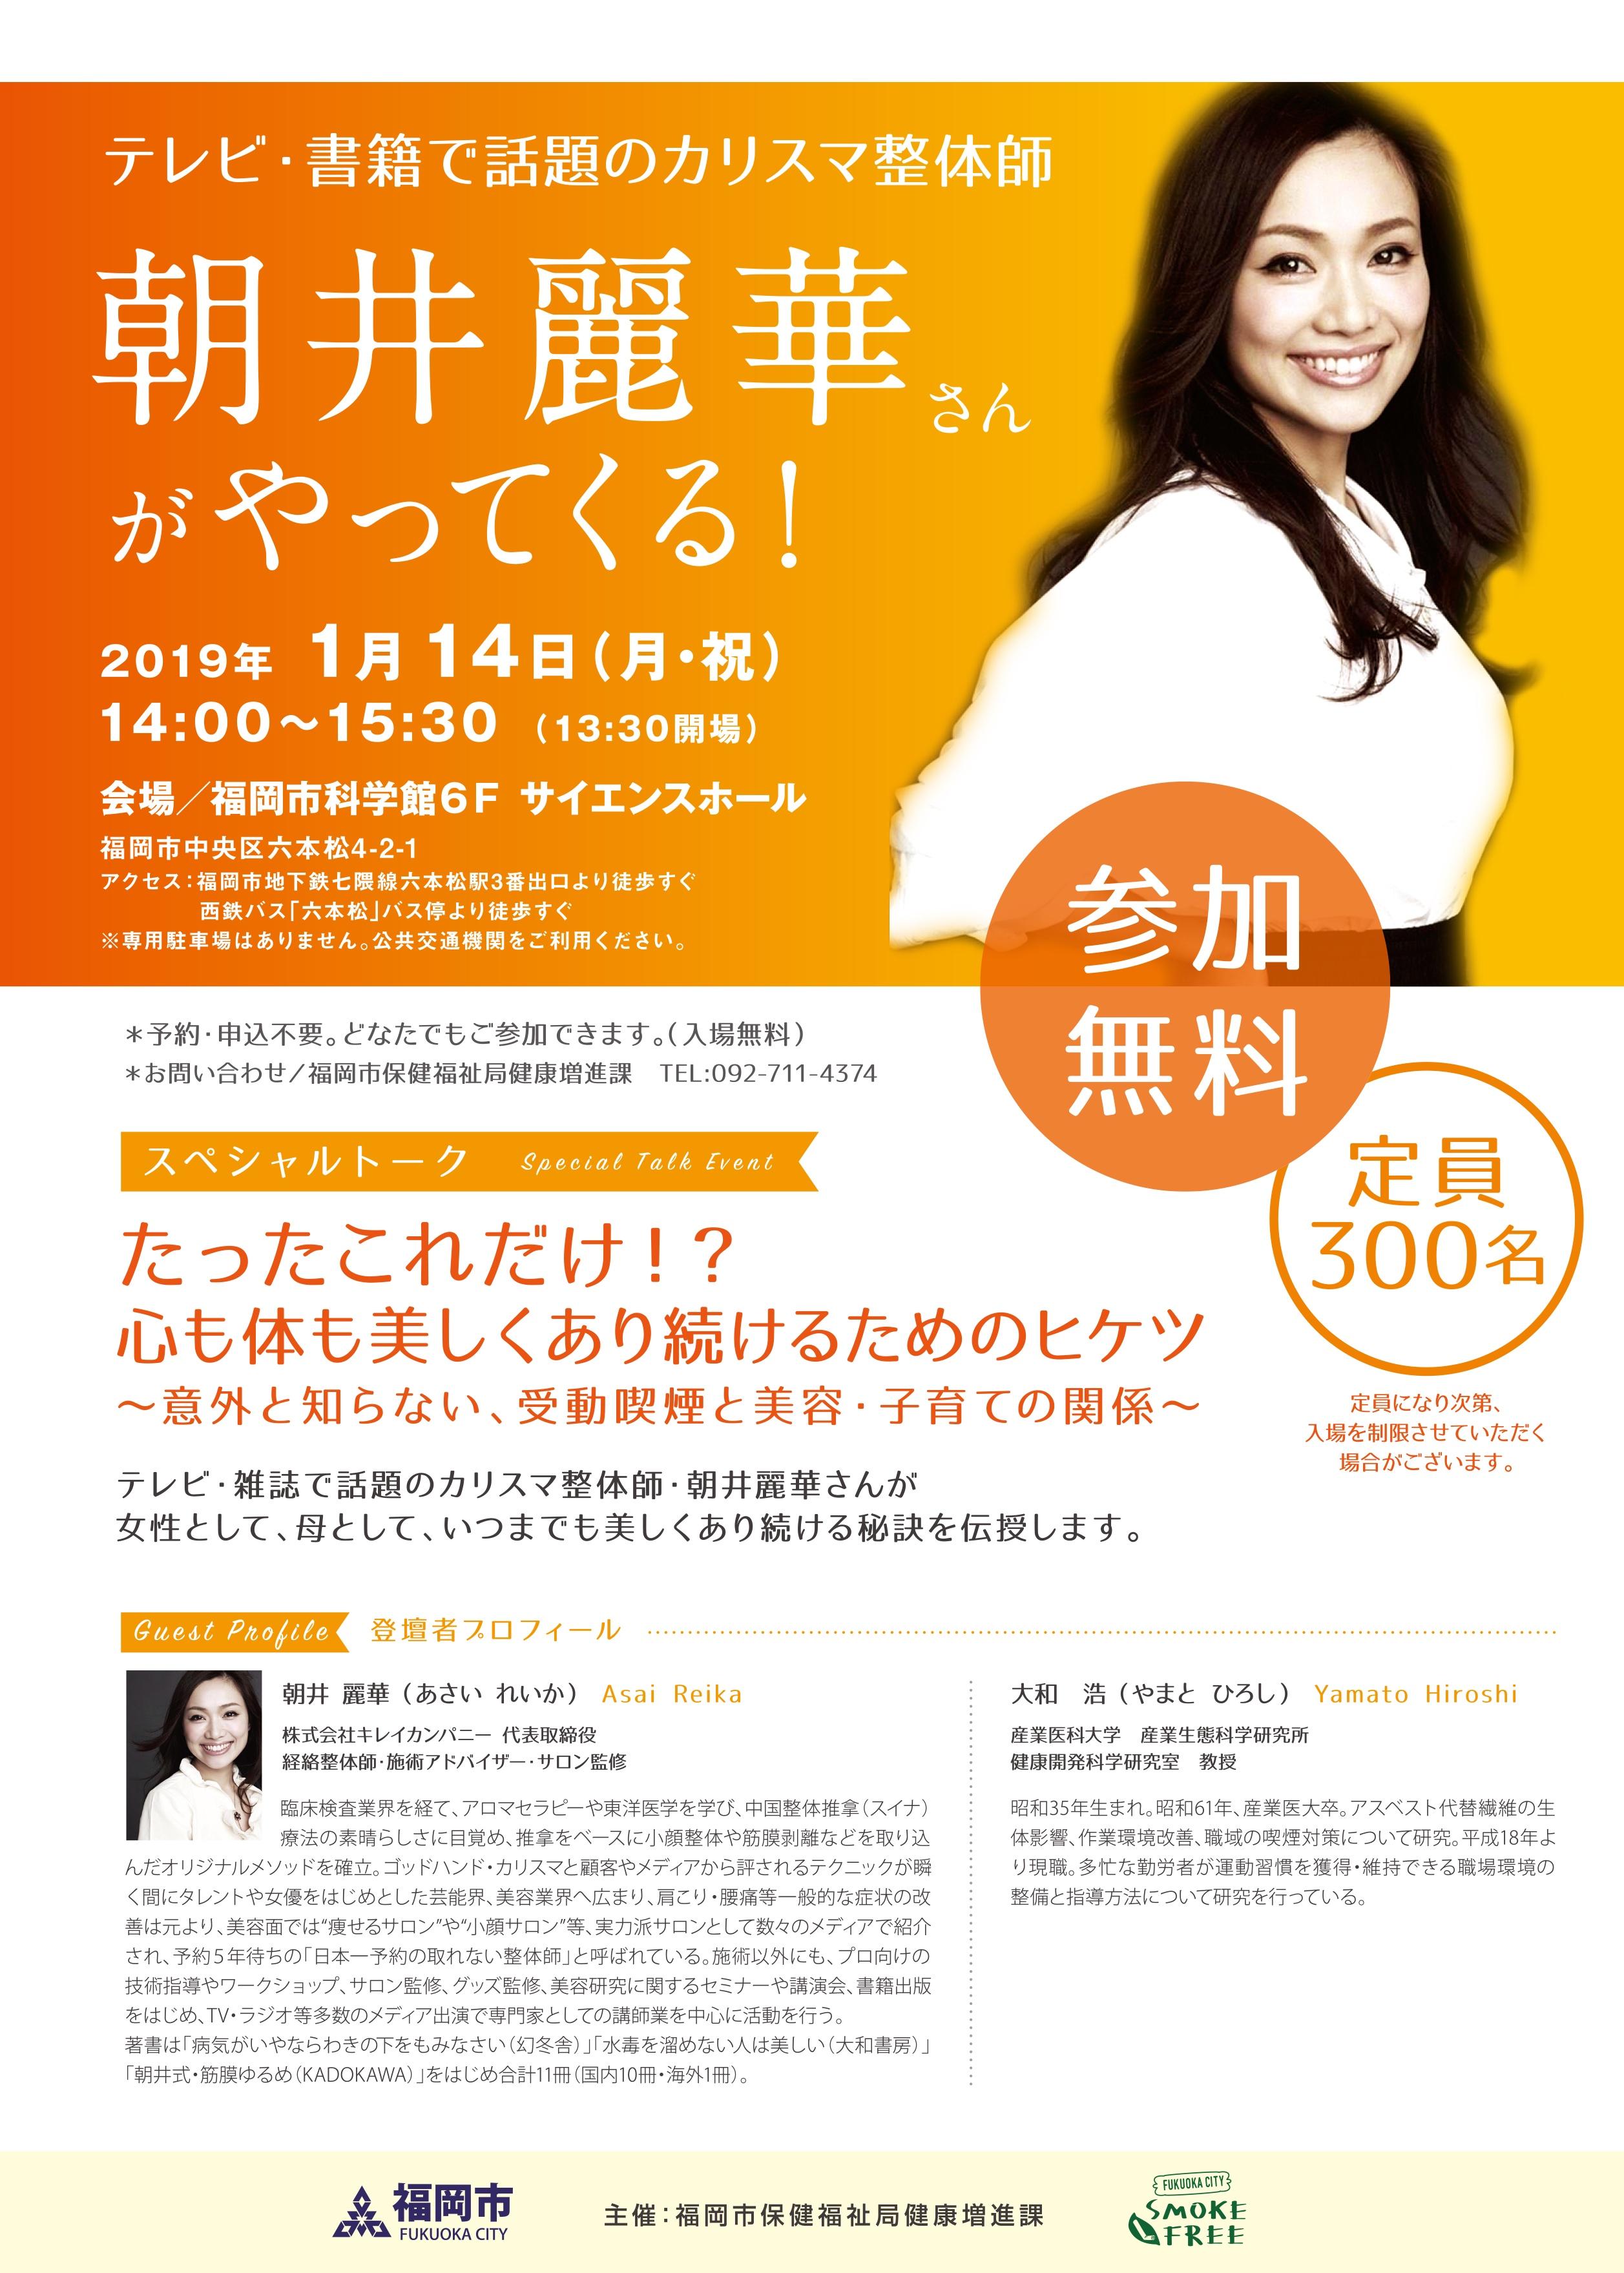 judou_asaireikaA4_1220